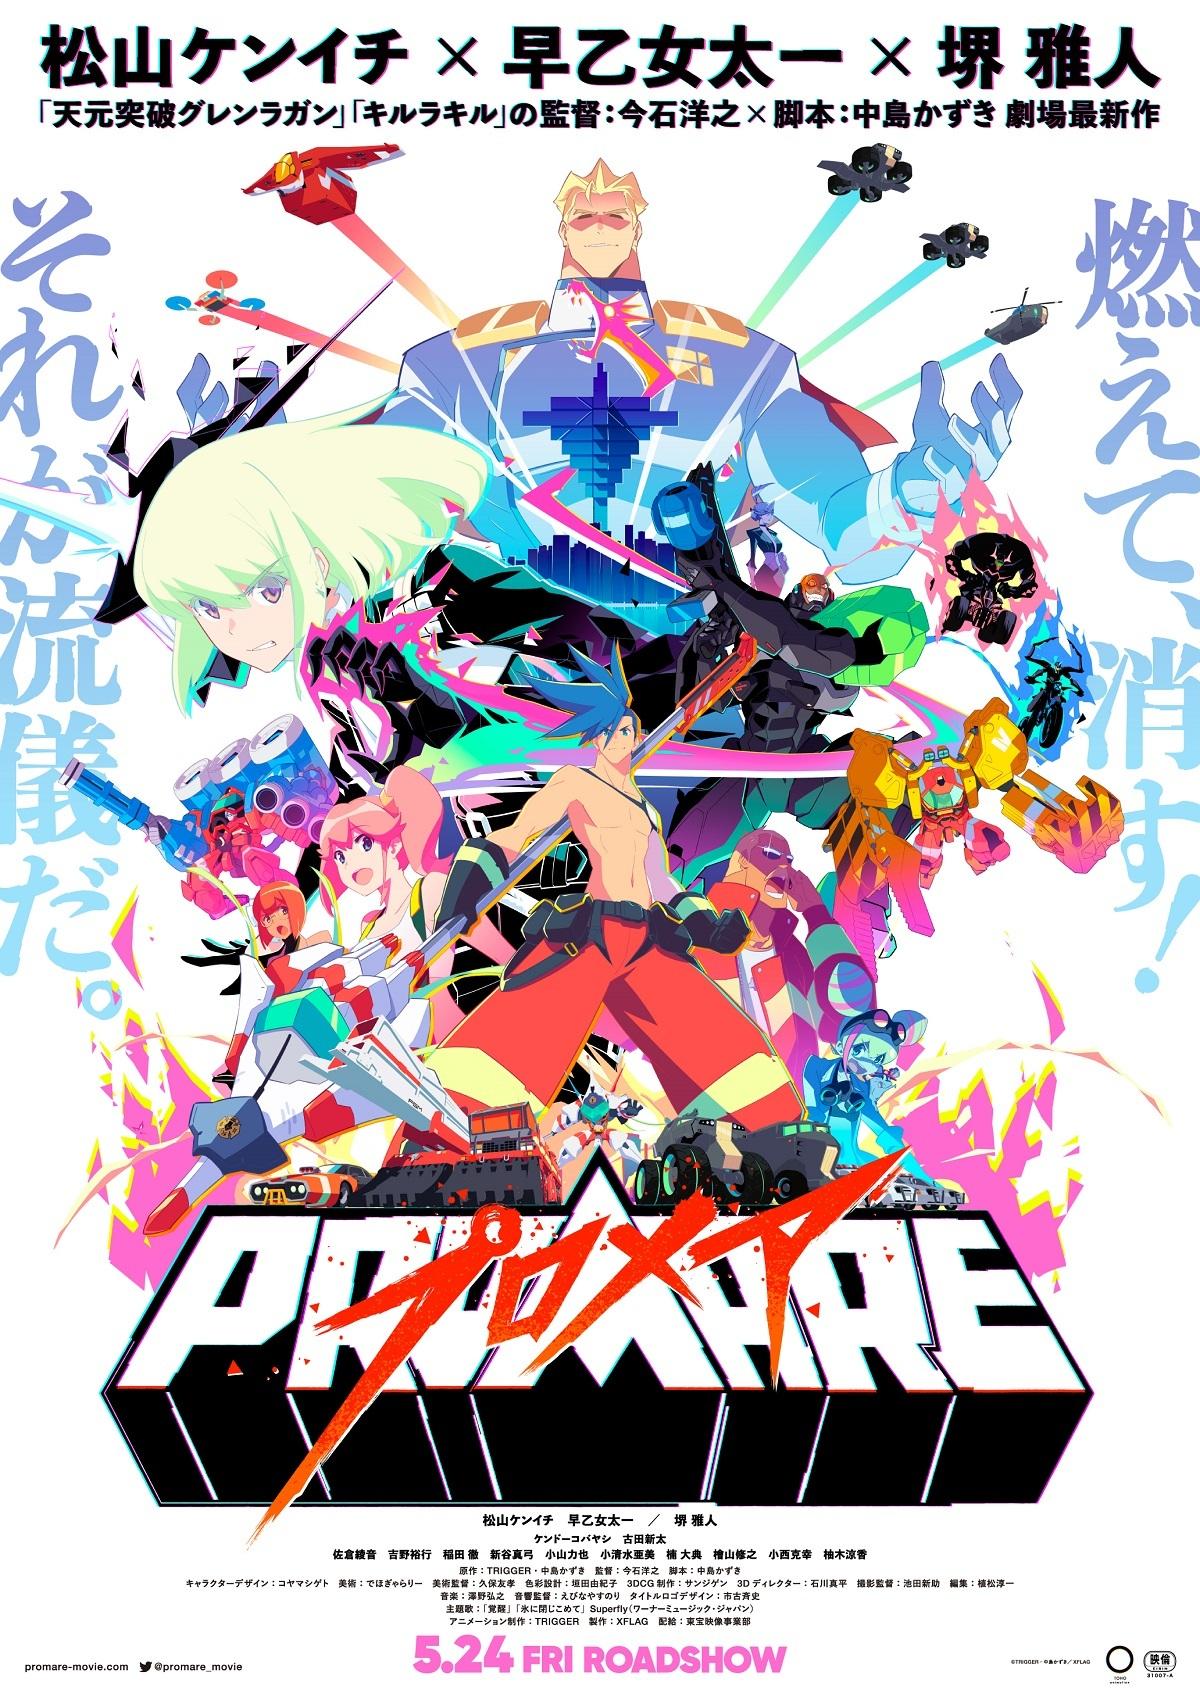 劇場版アニメ『プロメア』本ポスター (C)TRIGGER・中島かずき/XFLAG